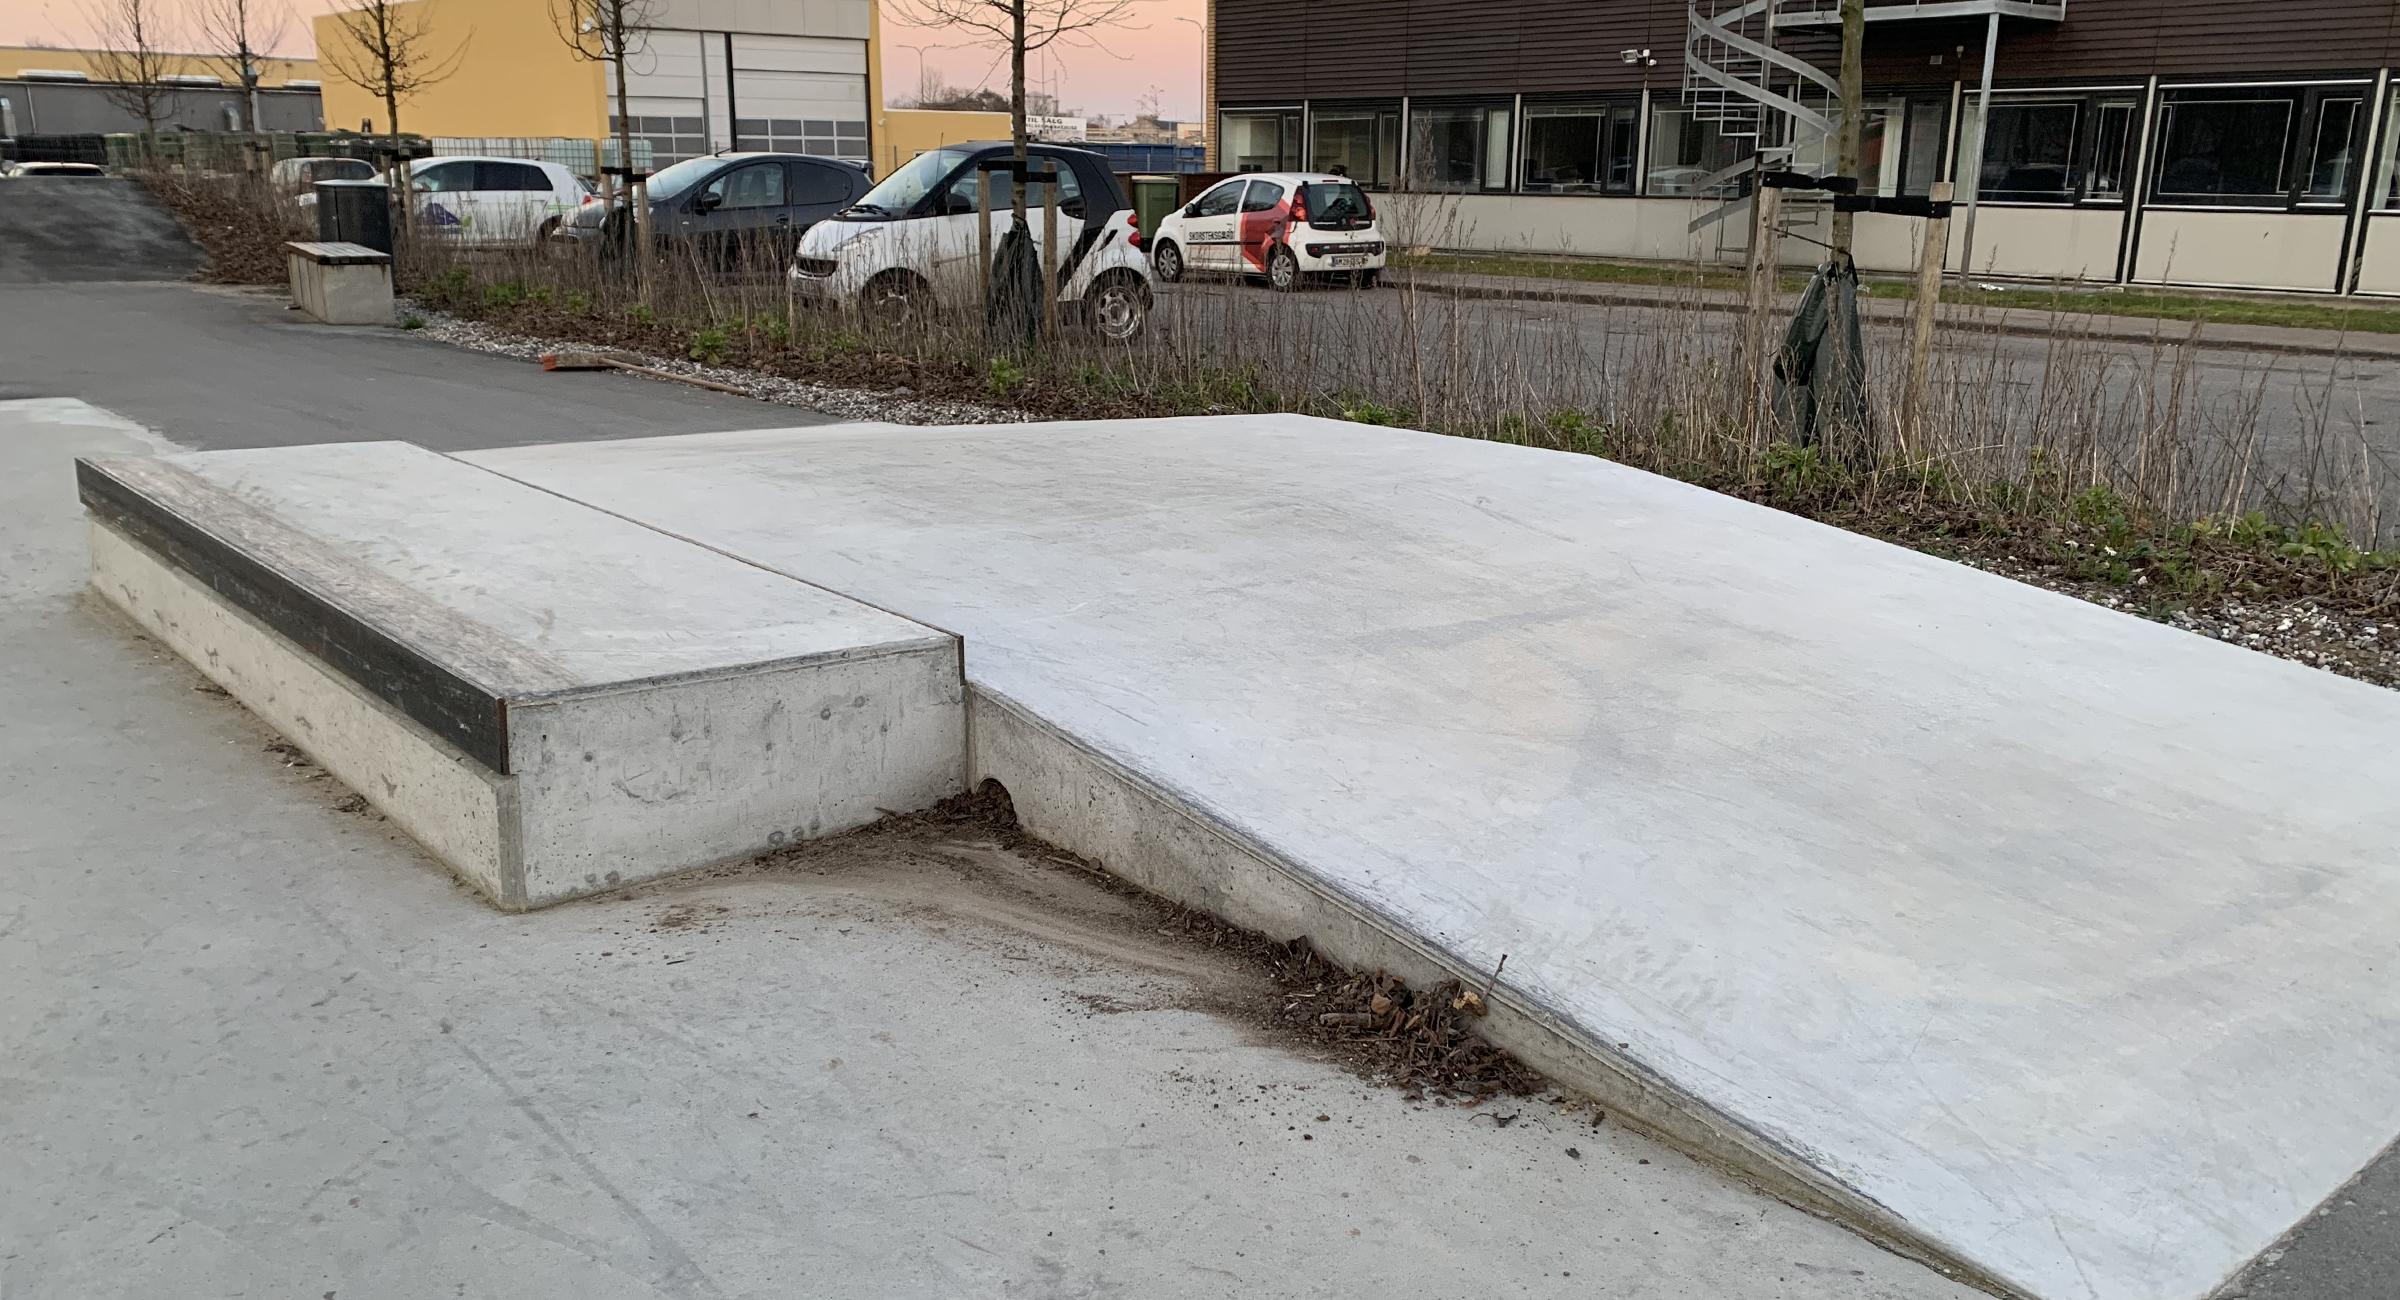 Billedet viser et curbcut i beton